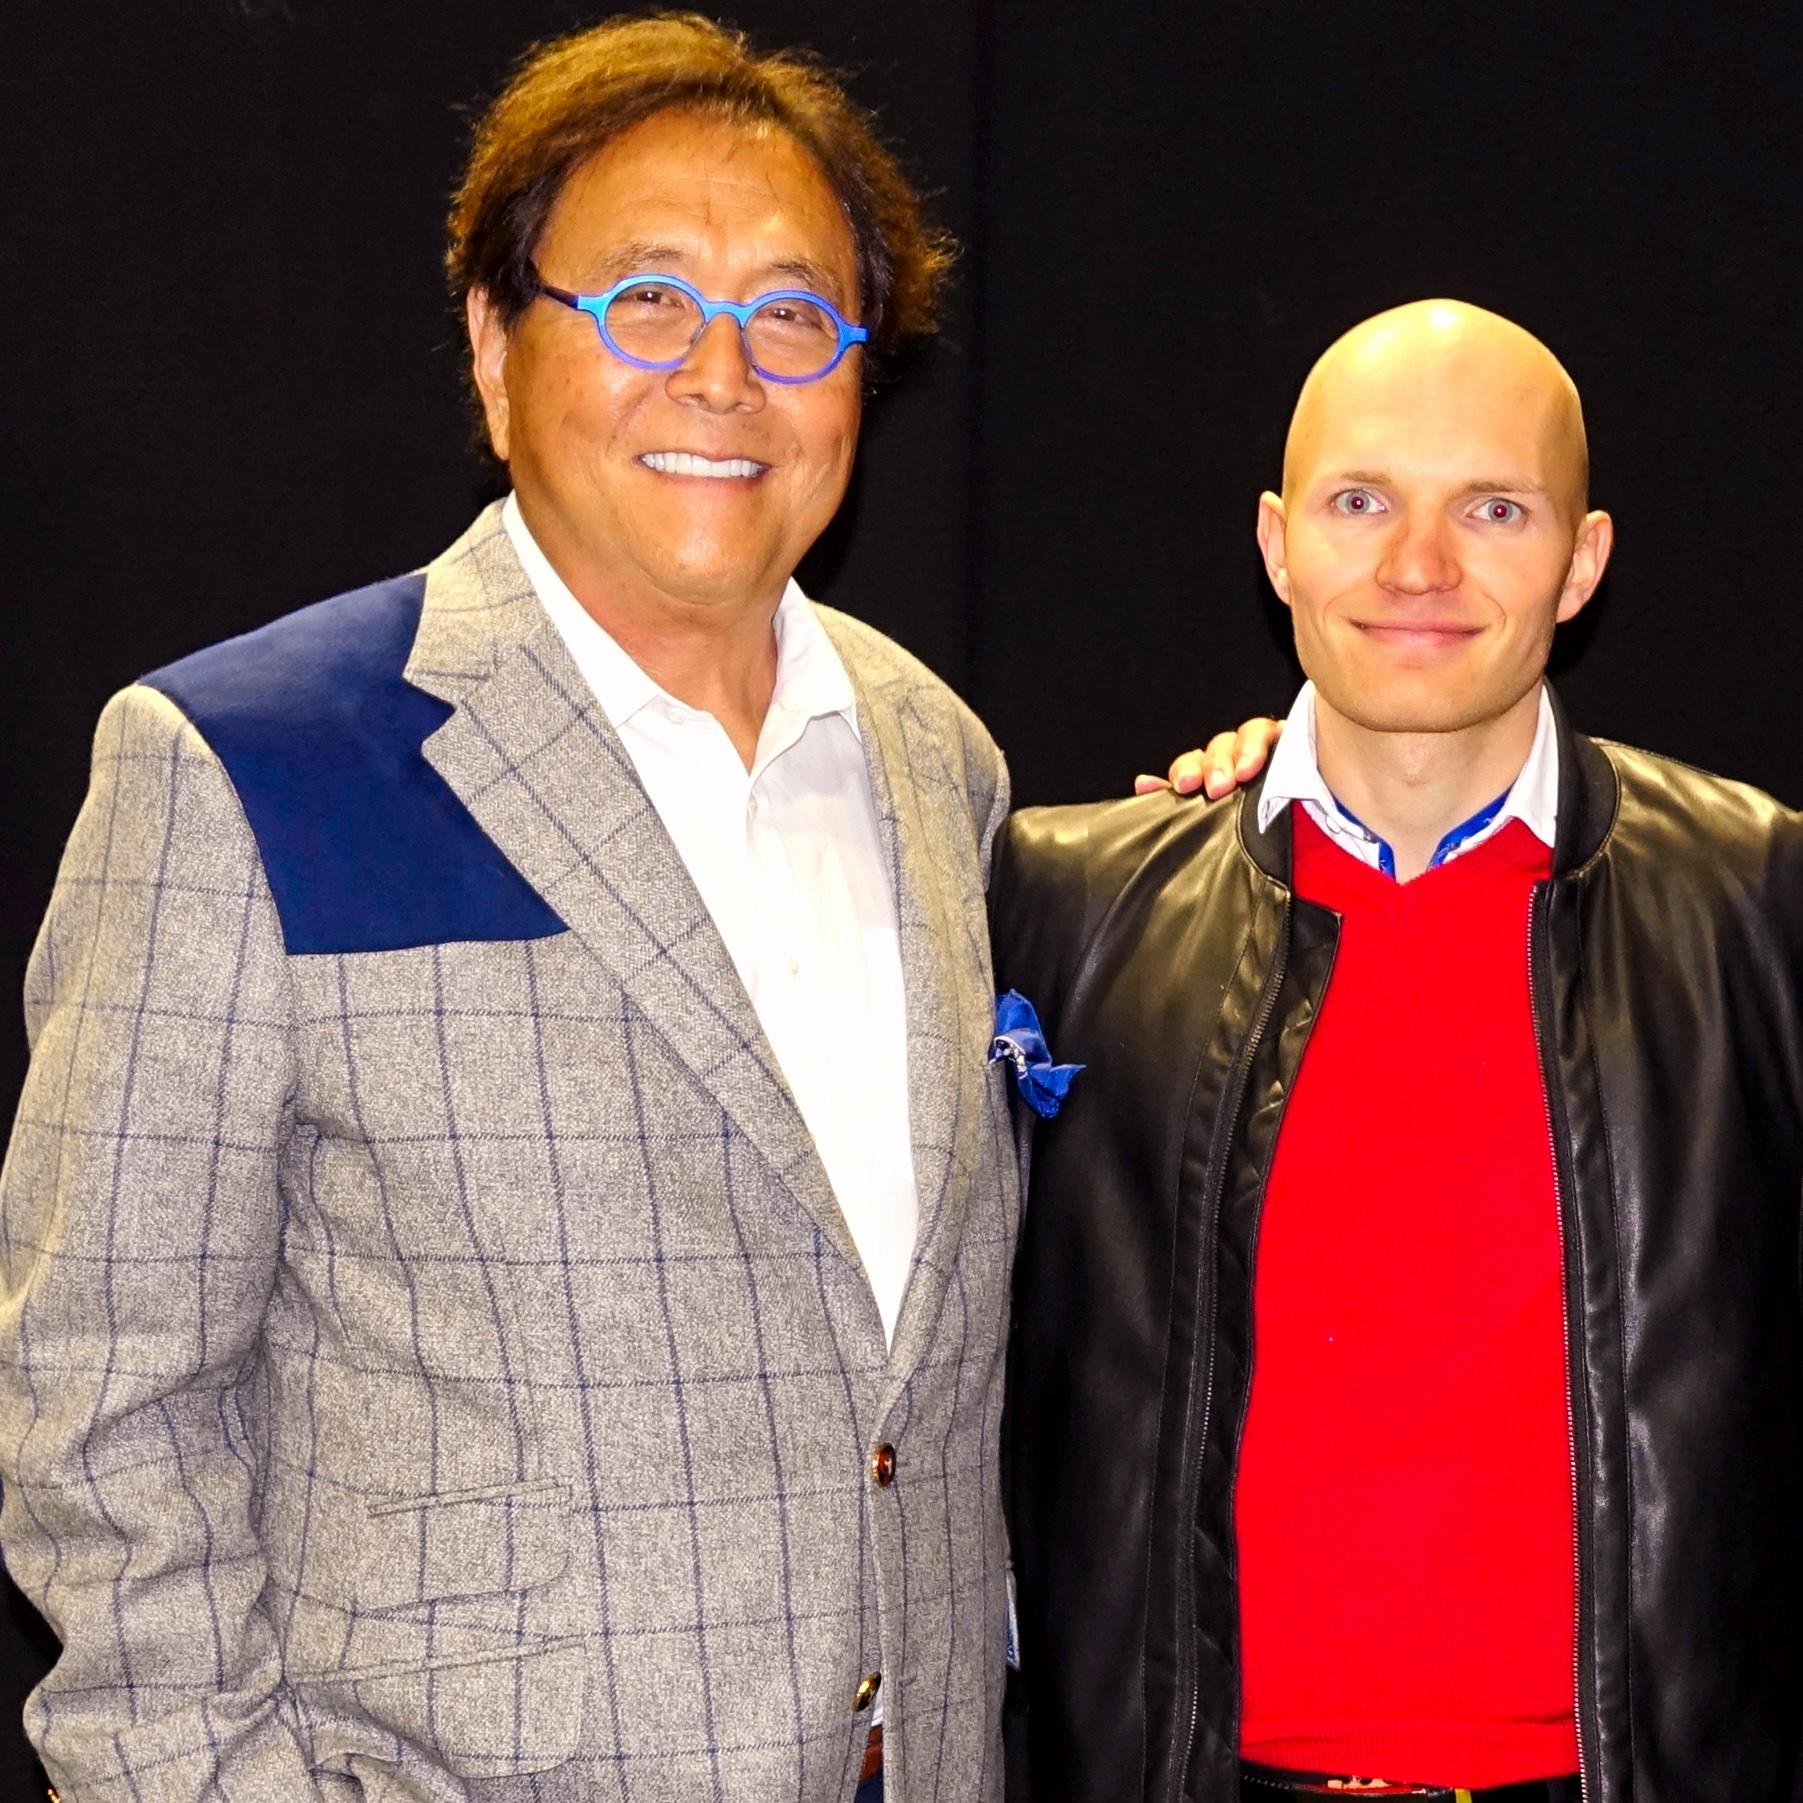 Robert Kiyosaki, multi-milionář a finanční guru